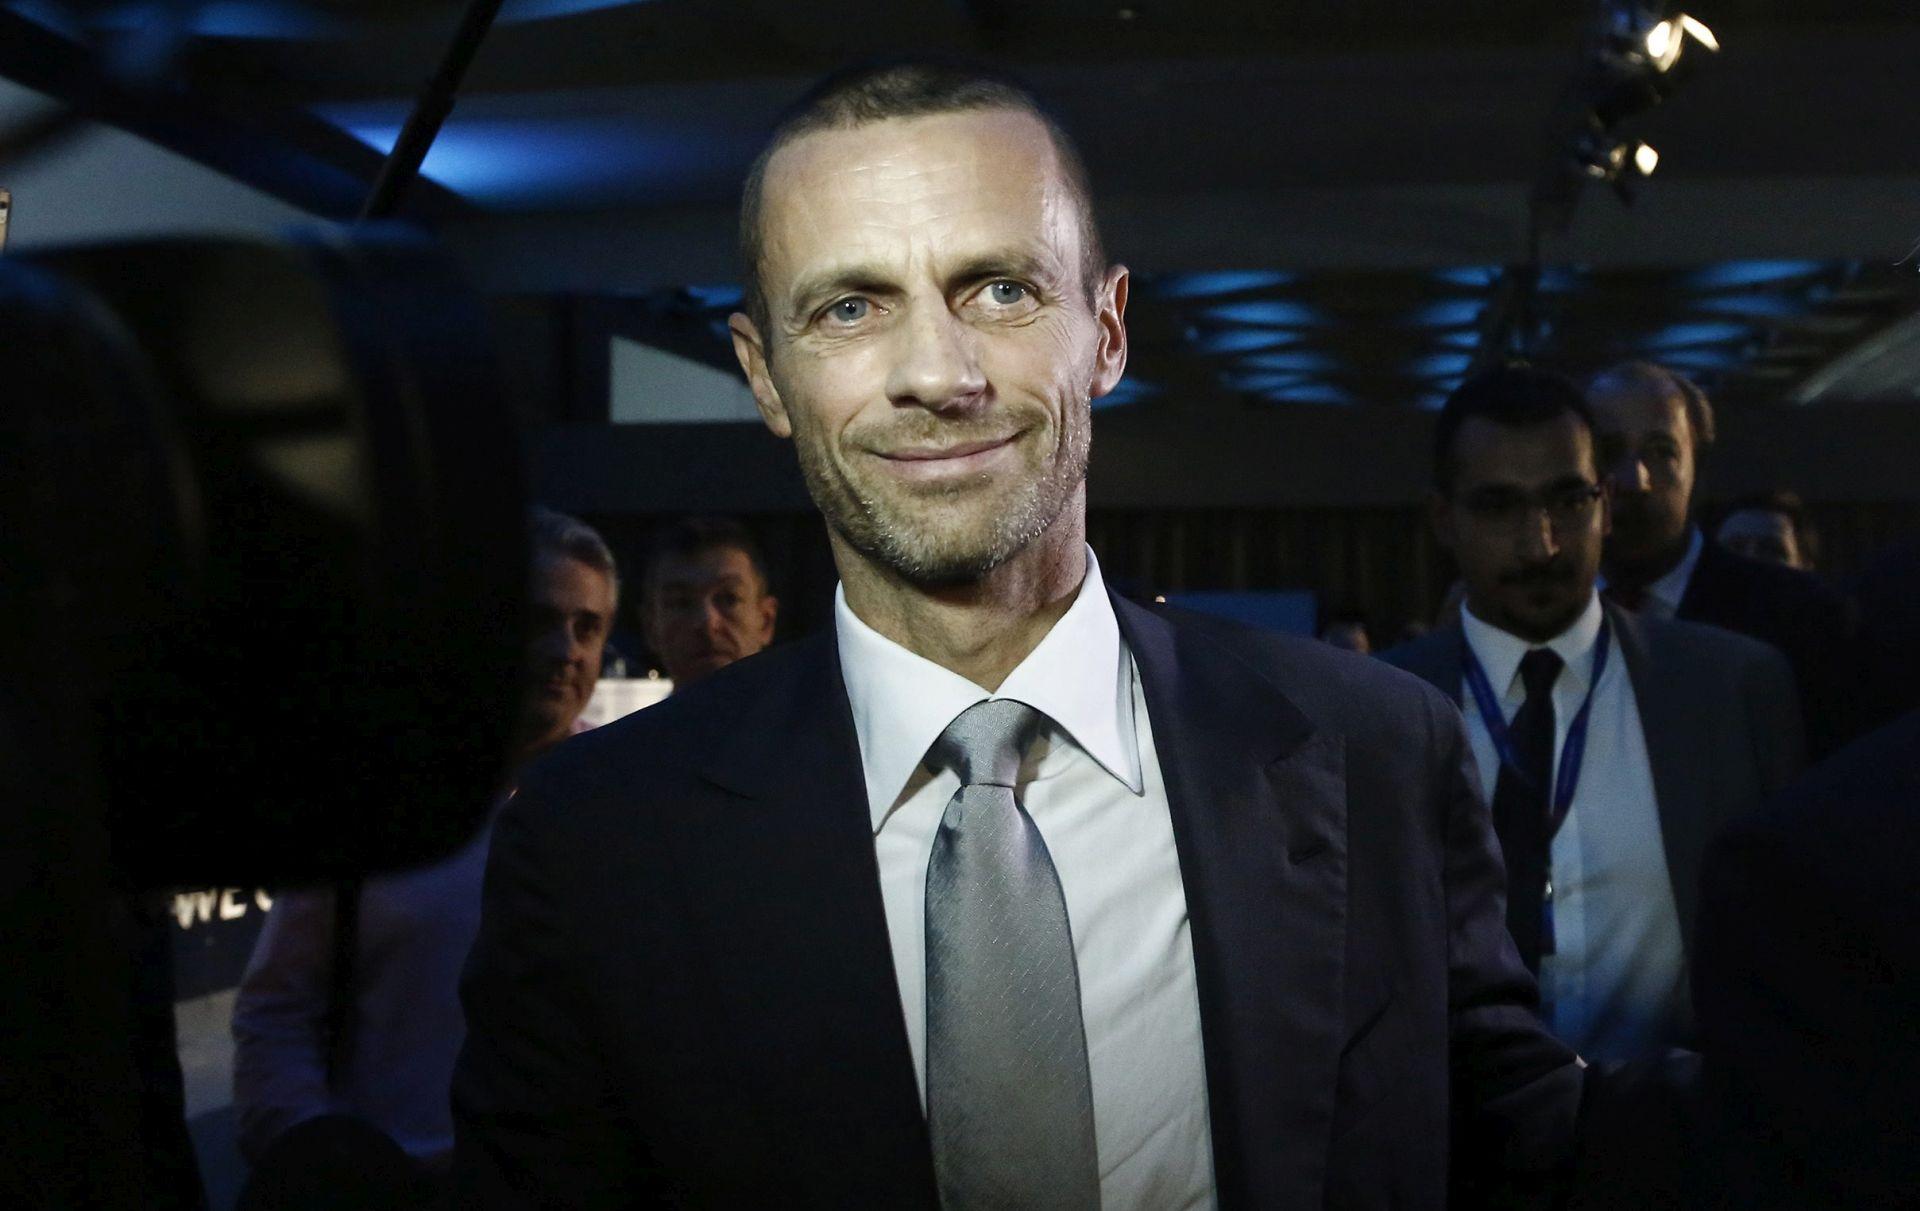 Promjena aktivnosti predsjednika UEFA-e Aleksandra Čeferina